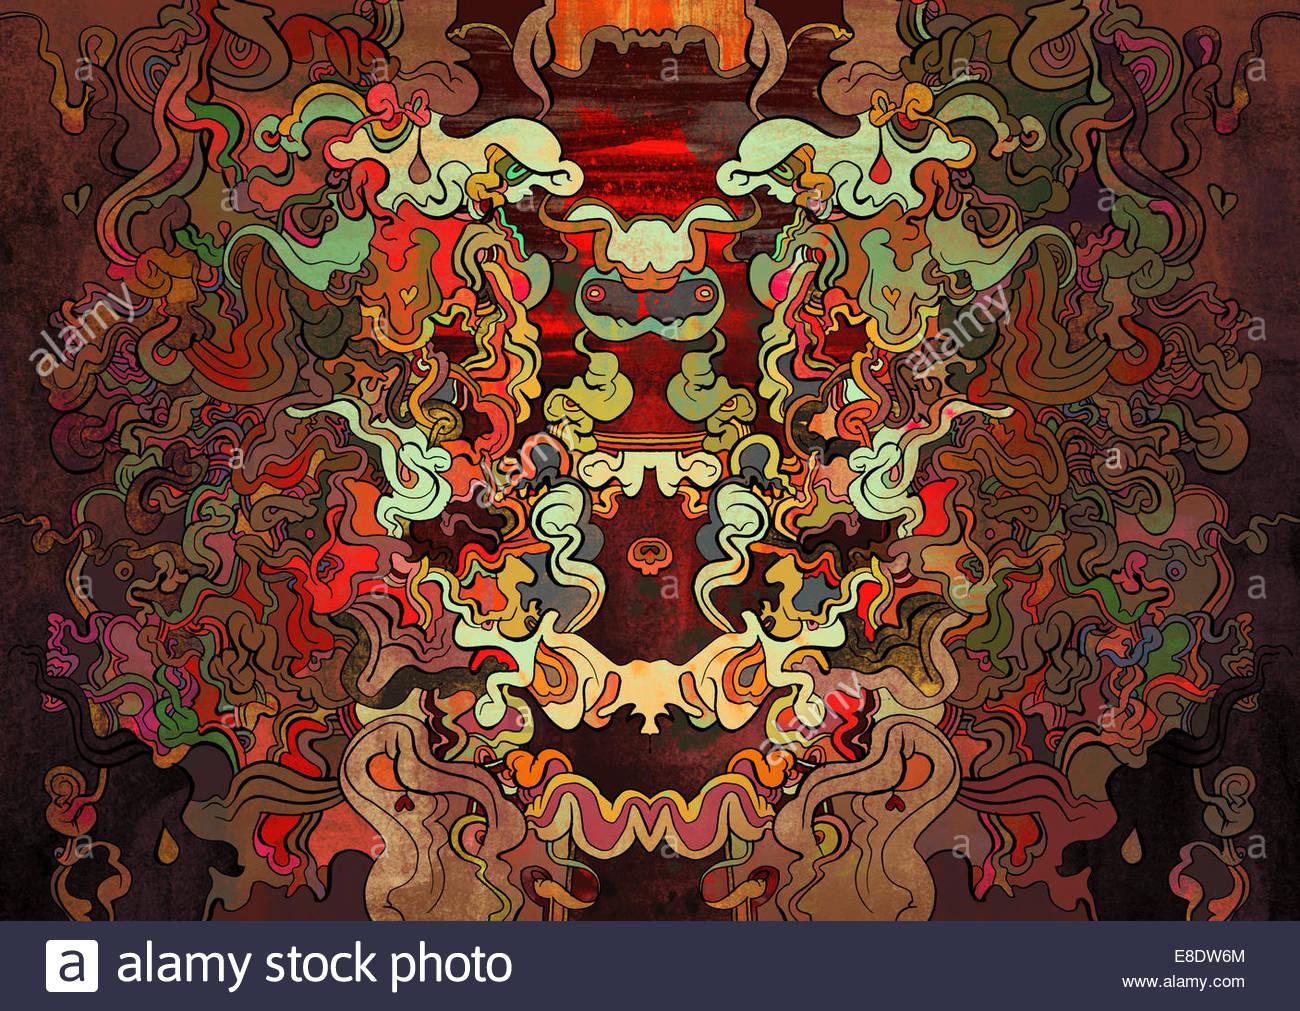 Abstract red aggrovigliato simmetrici scarabocchio pattern Immagini Stock